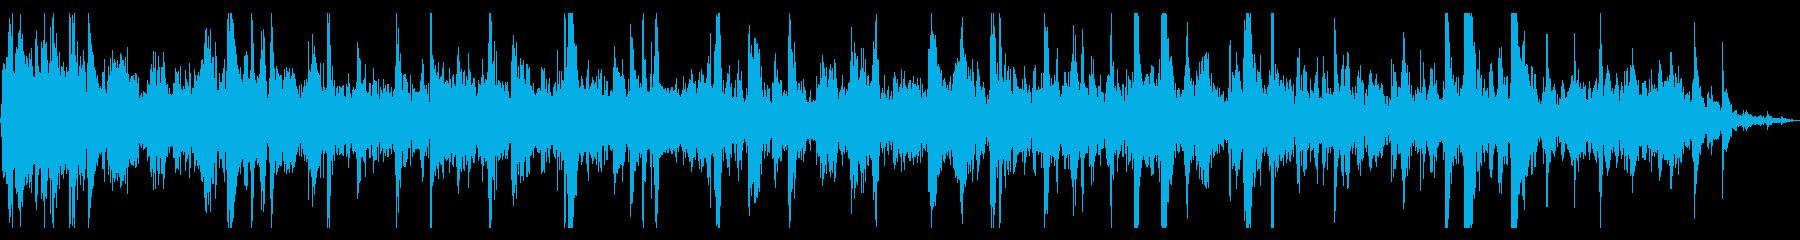 水中で泡がぶくぶく弾ける音2の再生済みの波形